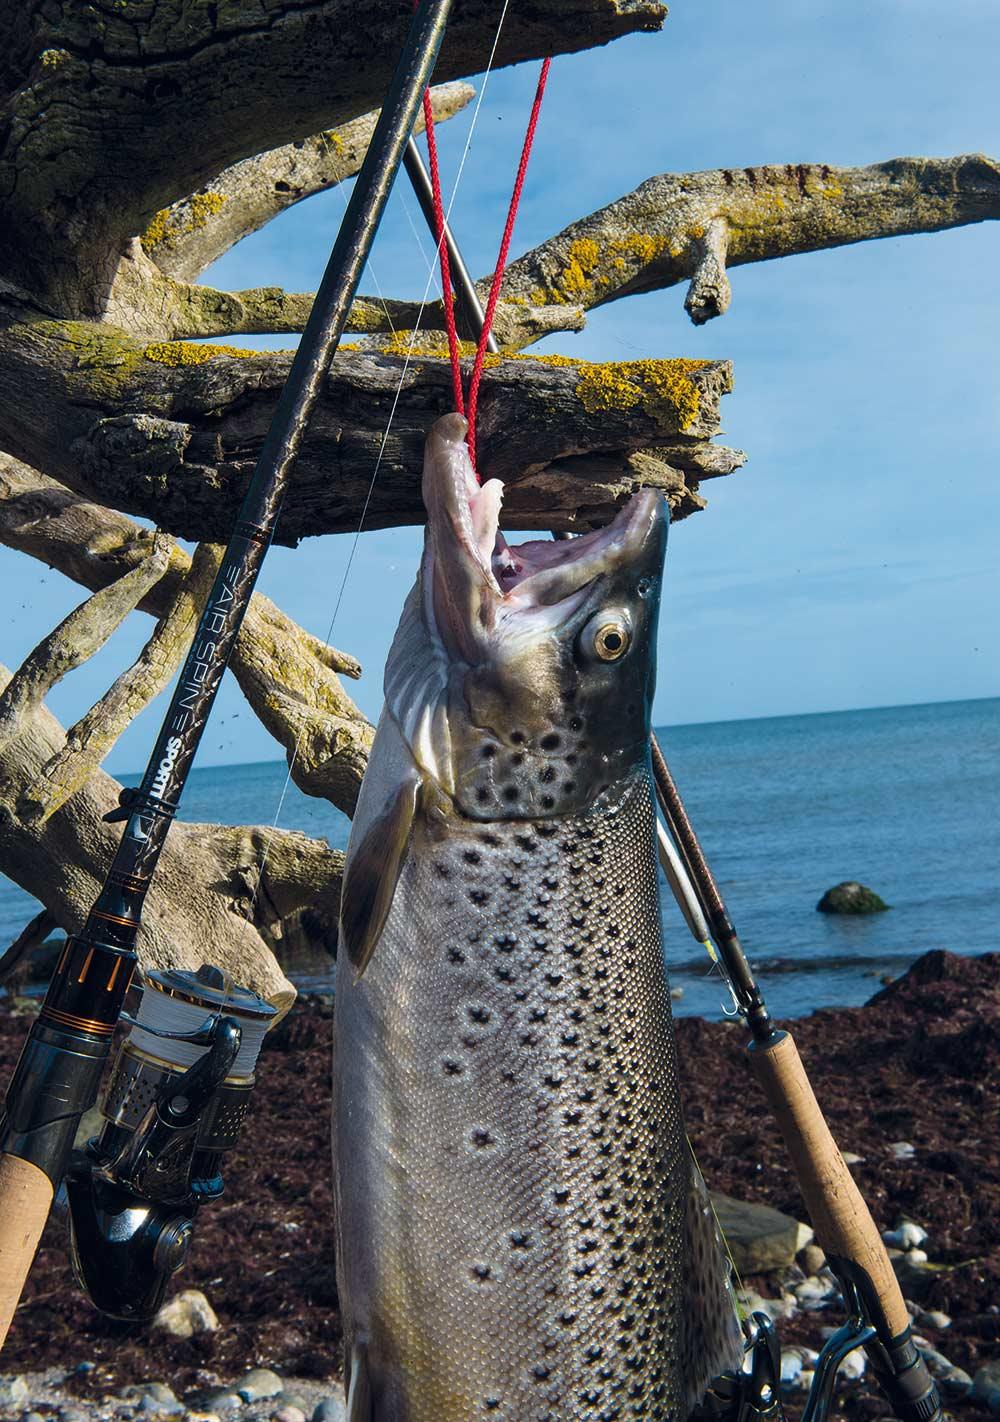 En fiskegalge er god at have, når fangsten skal slæbes hjem - her er det Woodfish galgen, som er i aktion